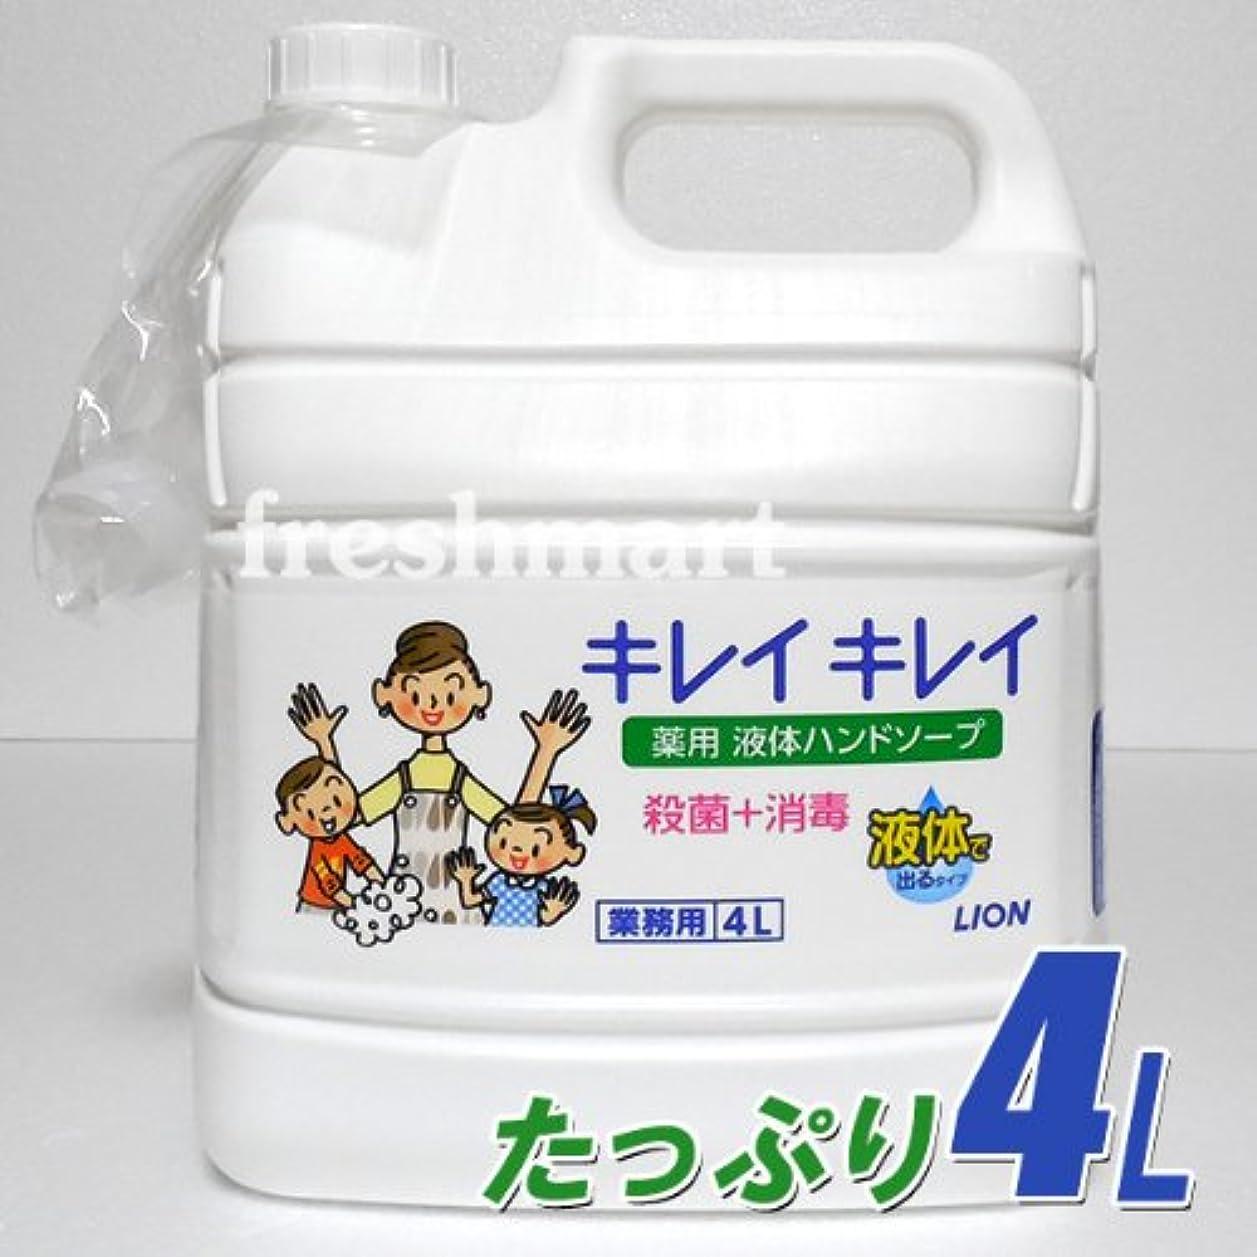 私たち自身公爵夫人驚くばかり☆100%植物性洗浄成分使用☆ ライオン キレイキレイ 薬用液体ハンドソープ つめかえ用4L 業務用 大容量 ボトル